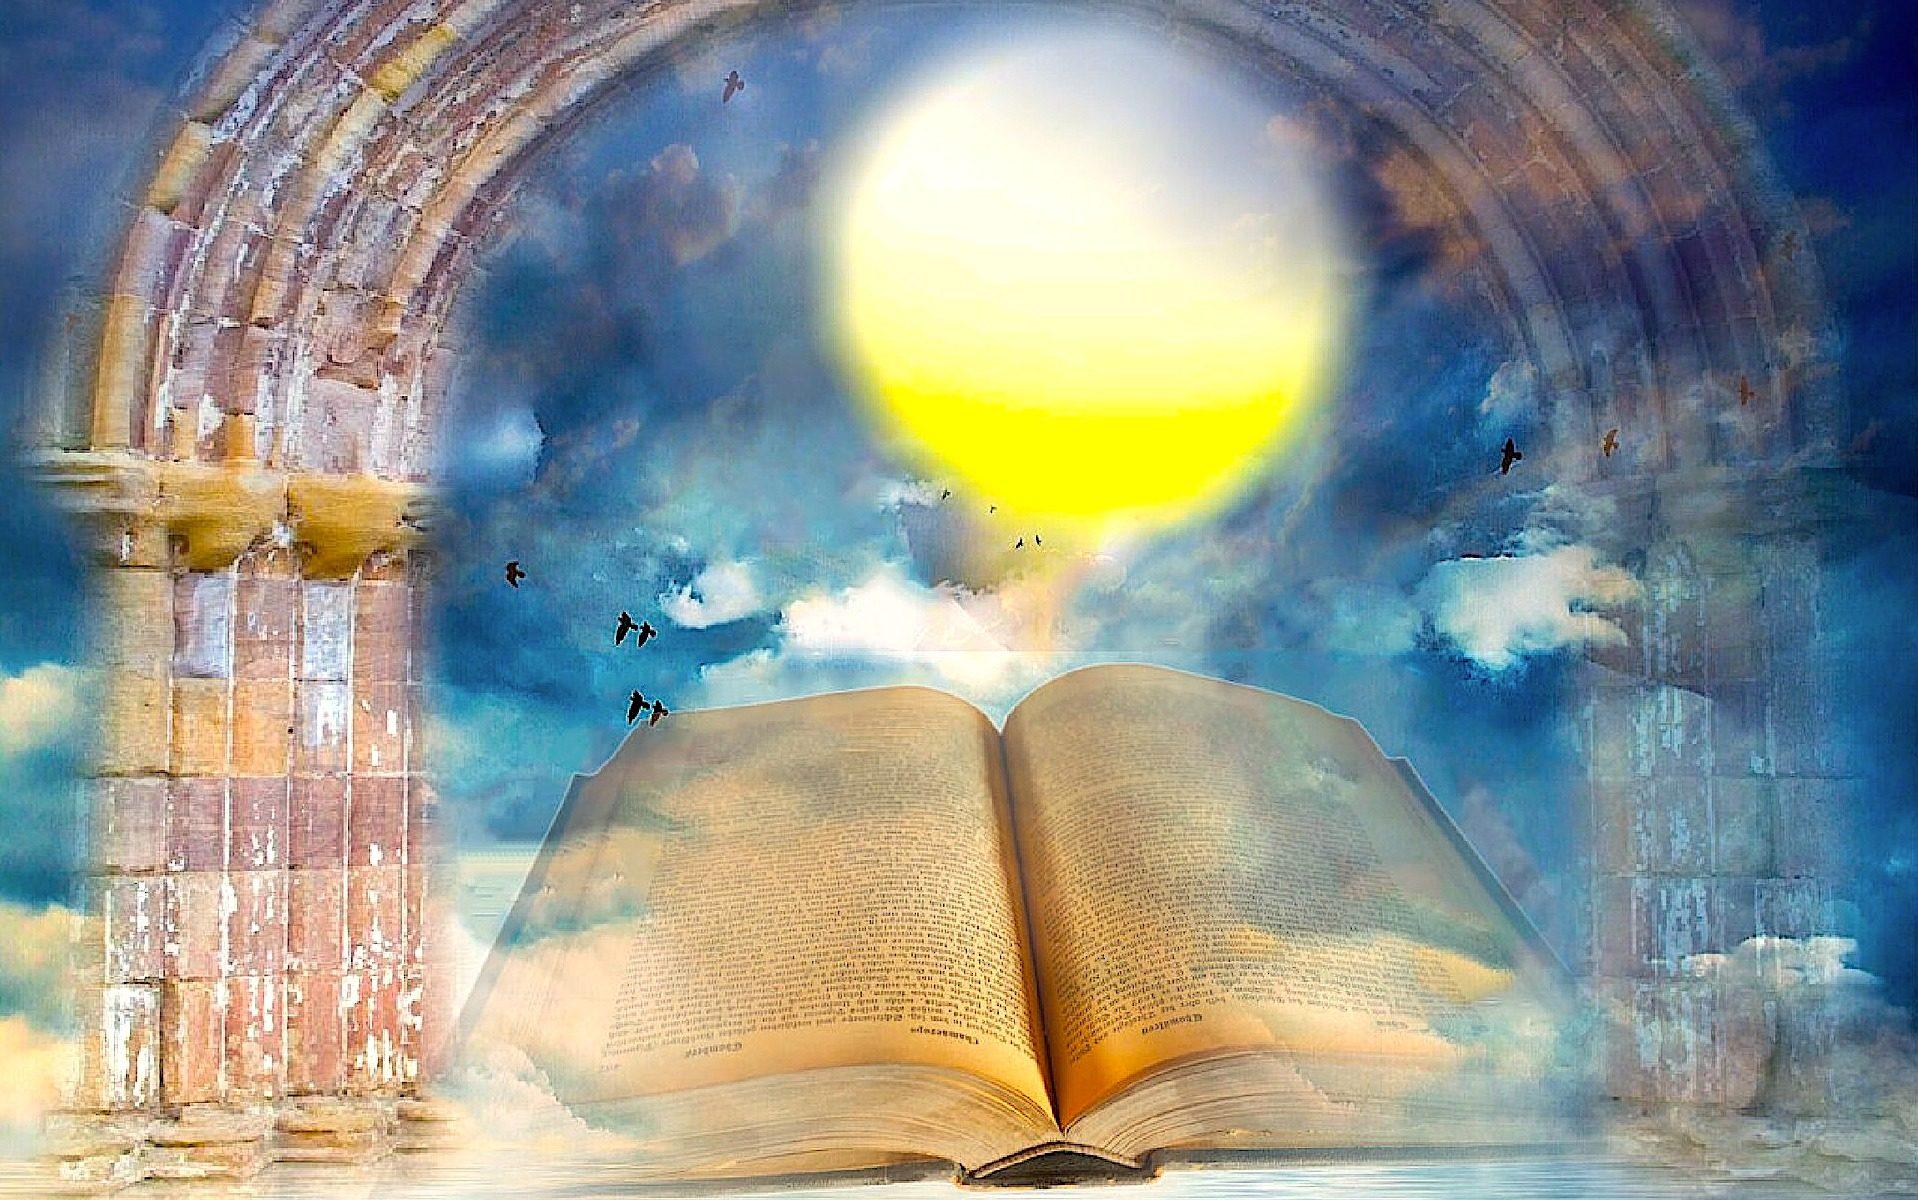 Buch als Synonym für eine Akasha Chronik Lesung